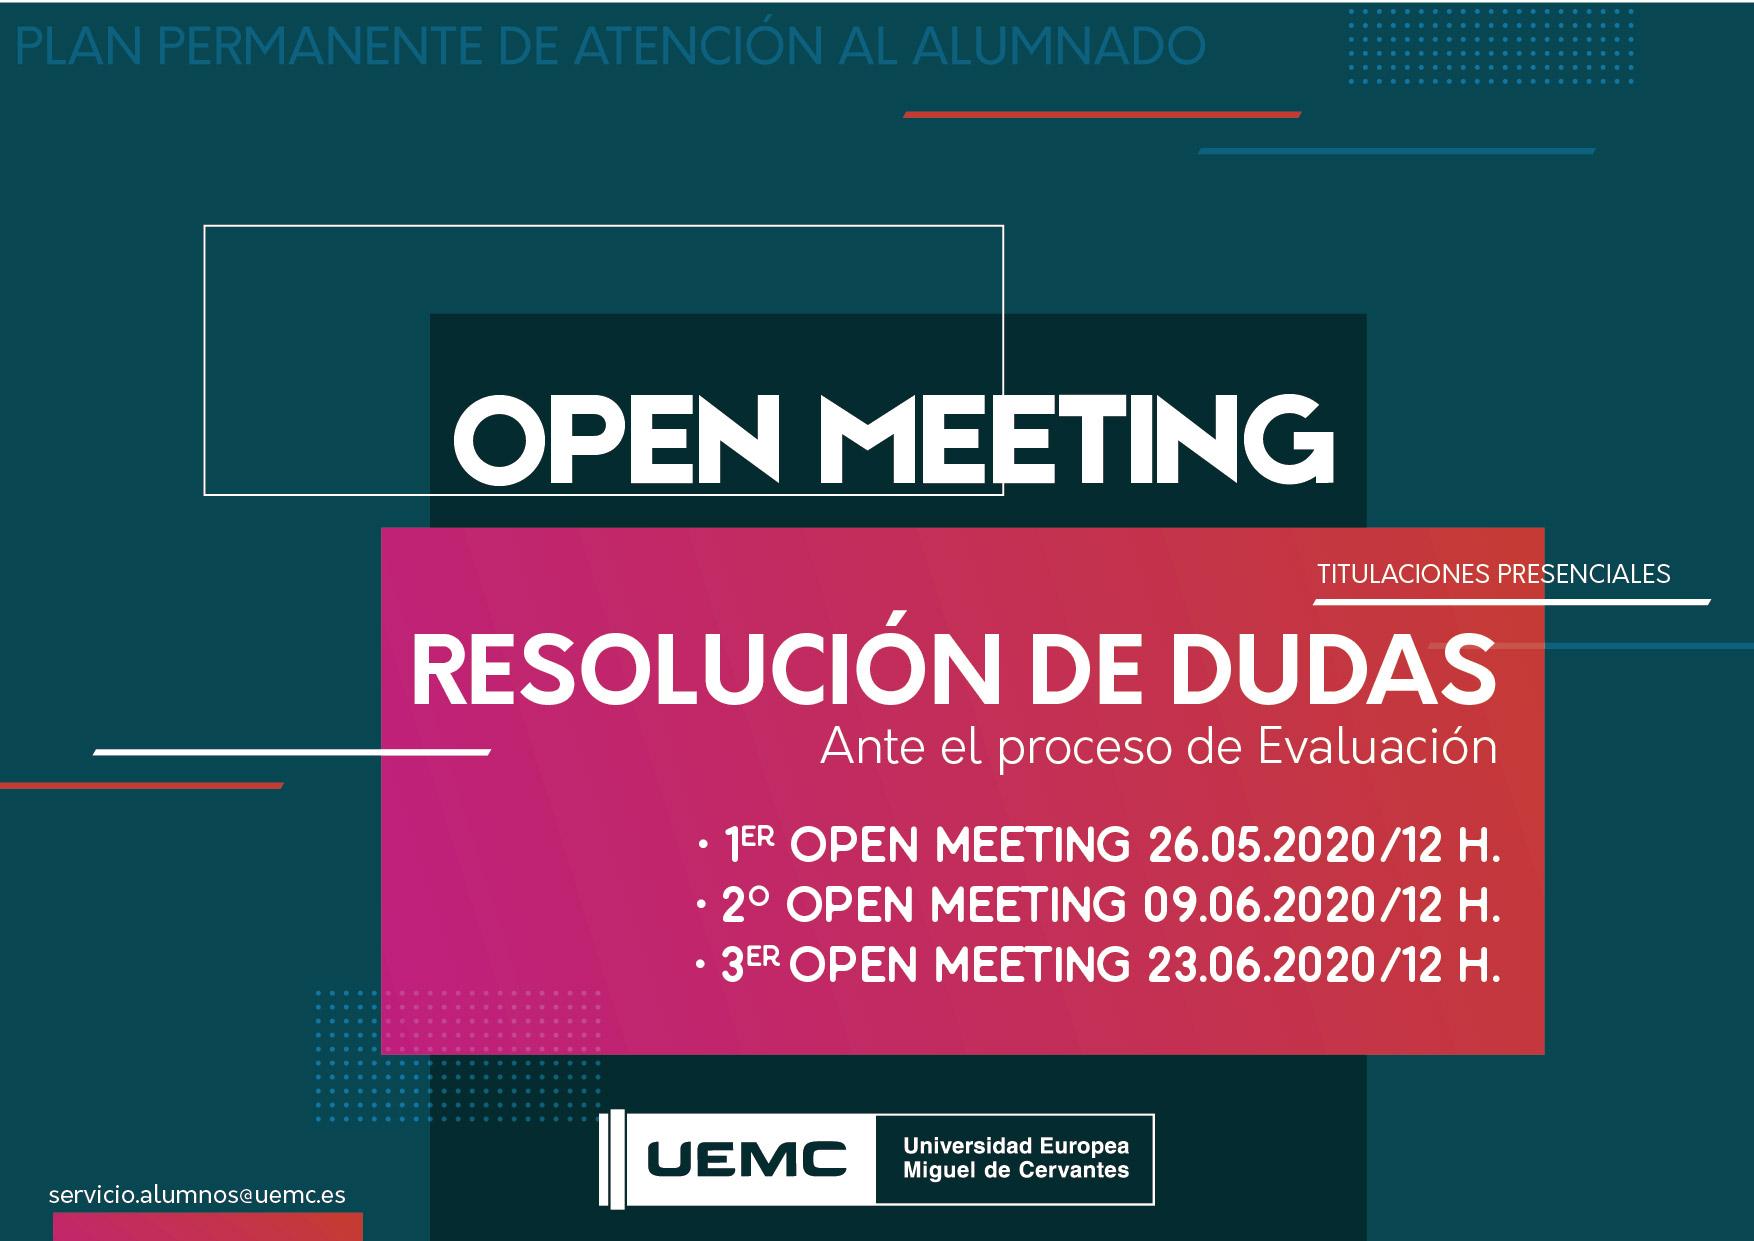 Titulaciones presenciales – Open Meeting de resolución de dudas – Consulta fechas